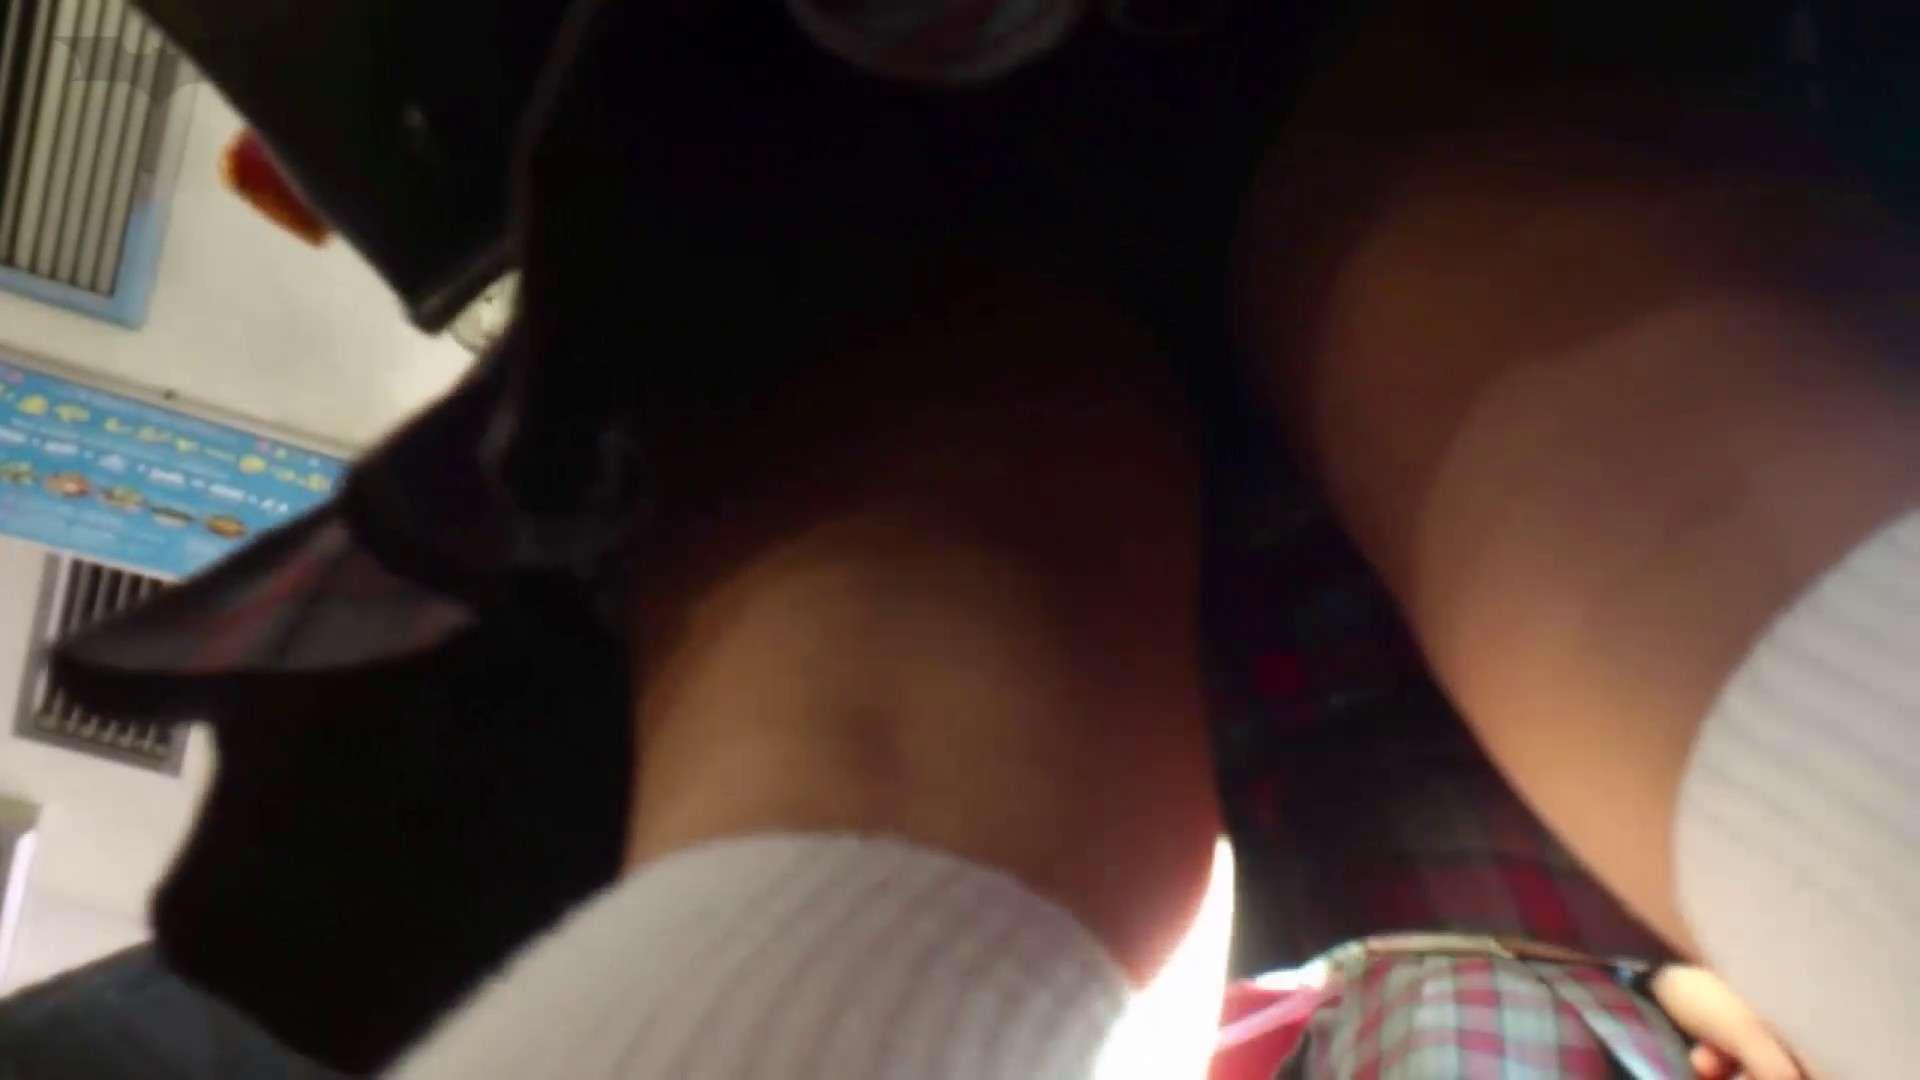 期間限定 超炉利盗撮 Vol.04 神キタ~達の炉利パンツを激撮 ギャル攻め オマンコ無修正動画無料 68画像 62